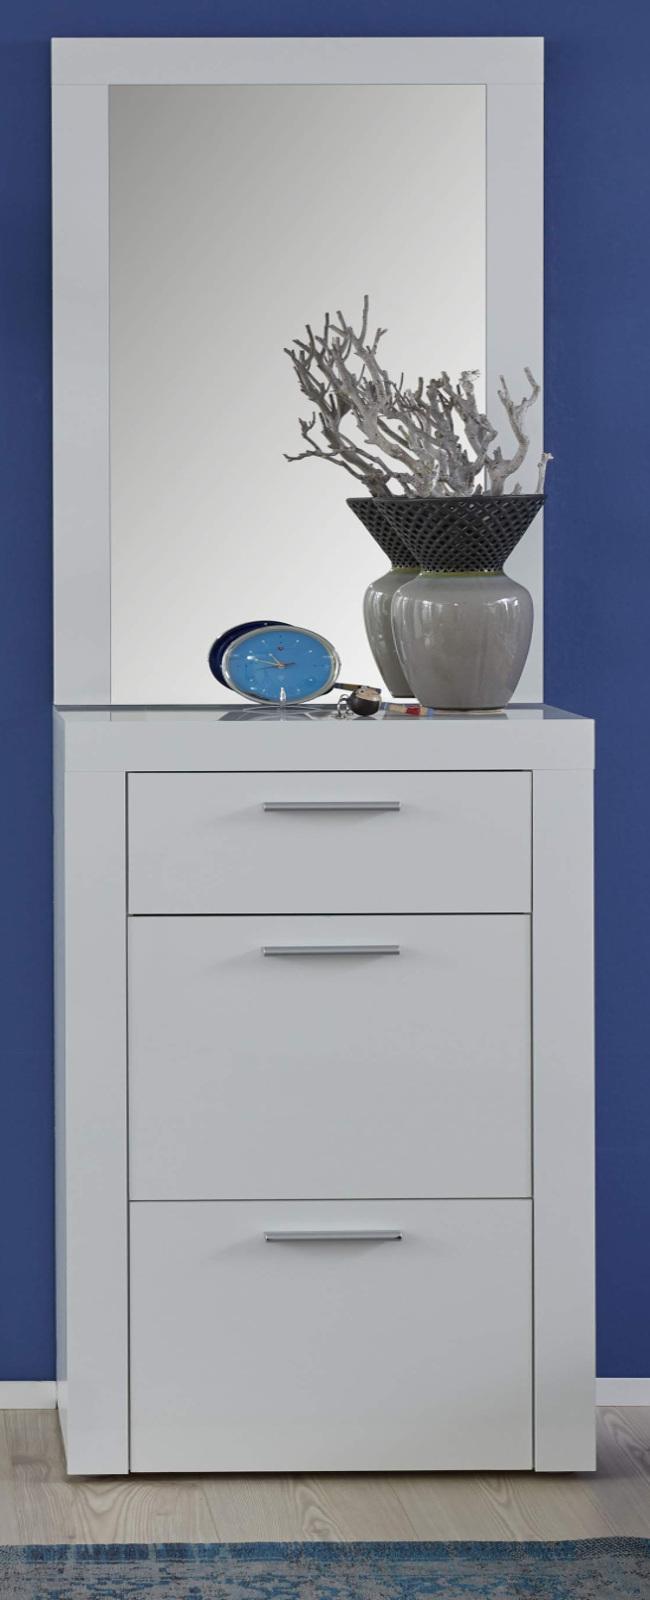 garderobenspiegel kito in hochglanz wei. Black Bedroom Furniture Sets. Home Design Ideas